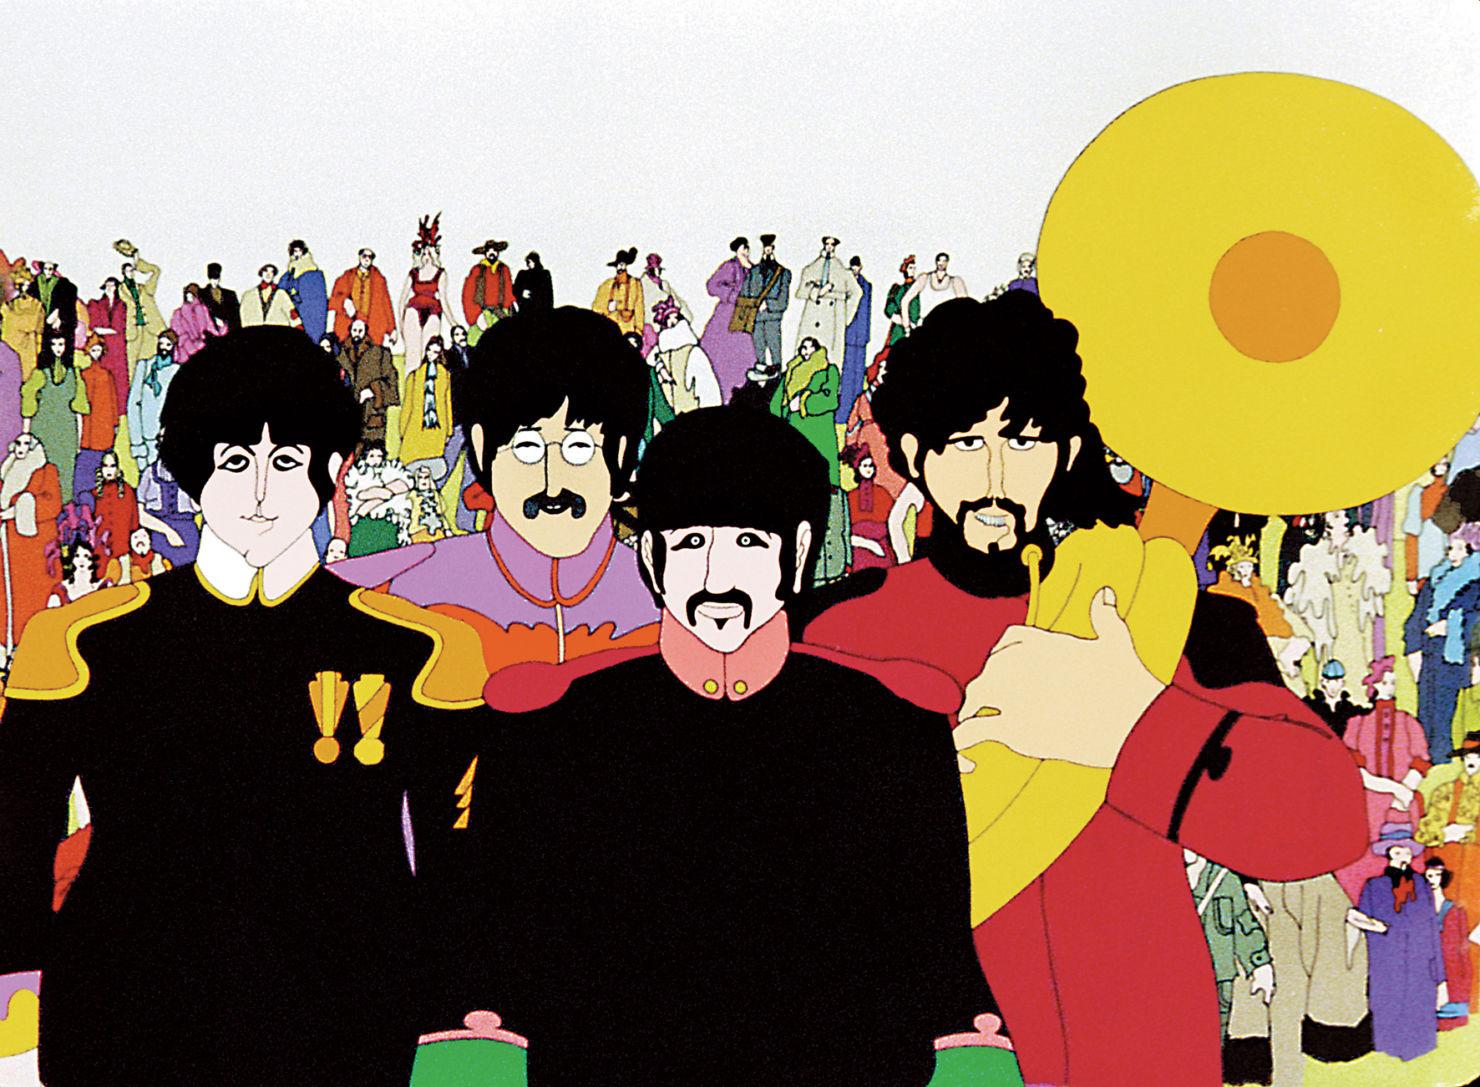 ¡The Beatles te invita a un sing along de Yellow Submarine este sábado!